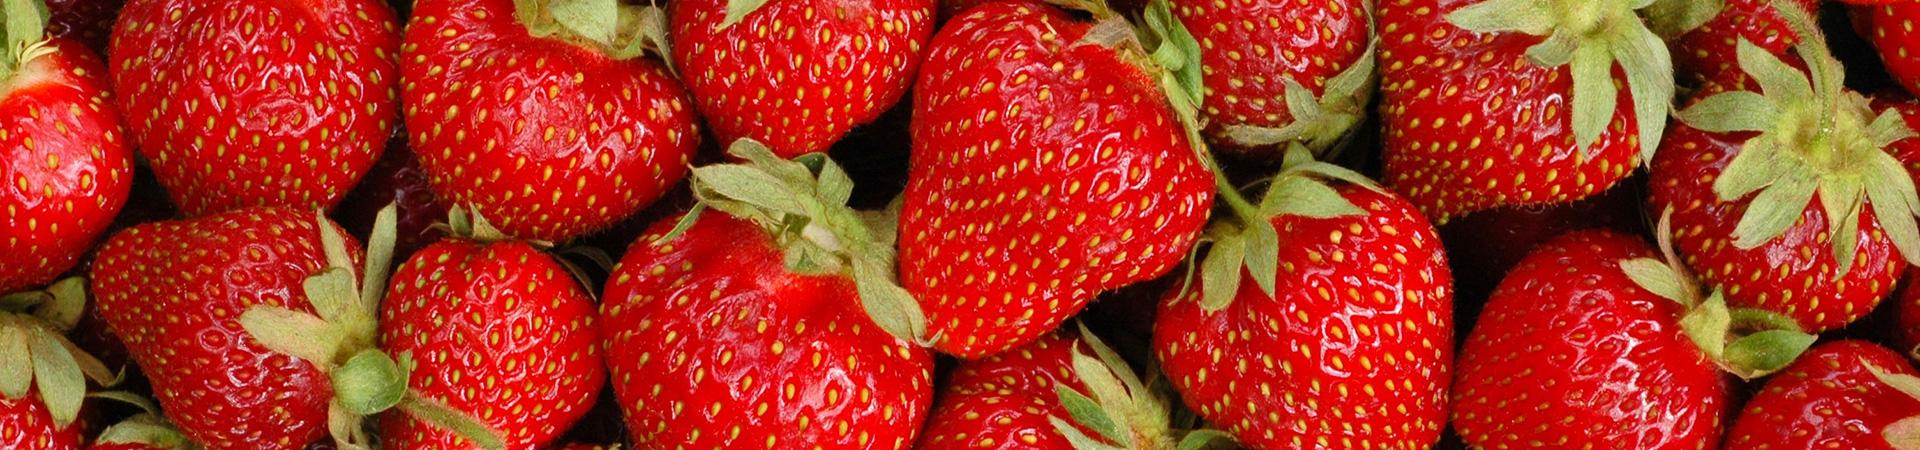 Bandeau fraises naturelles sans pesticides